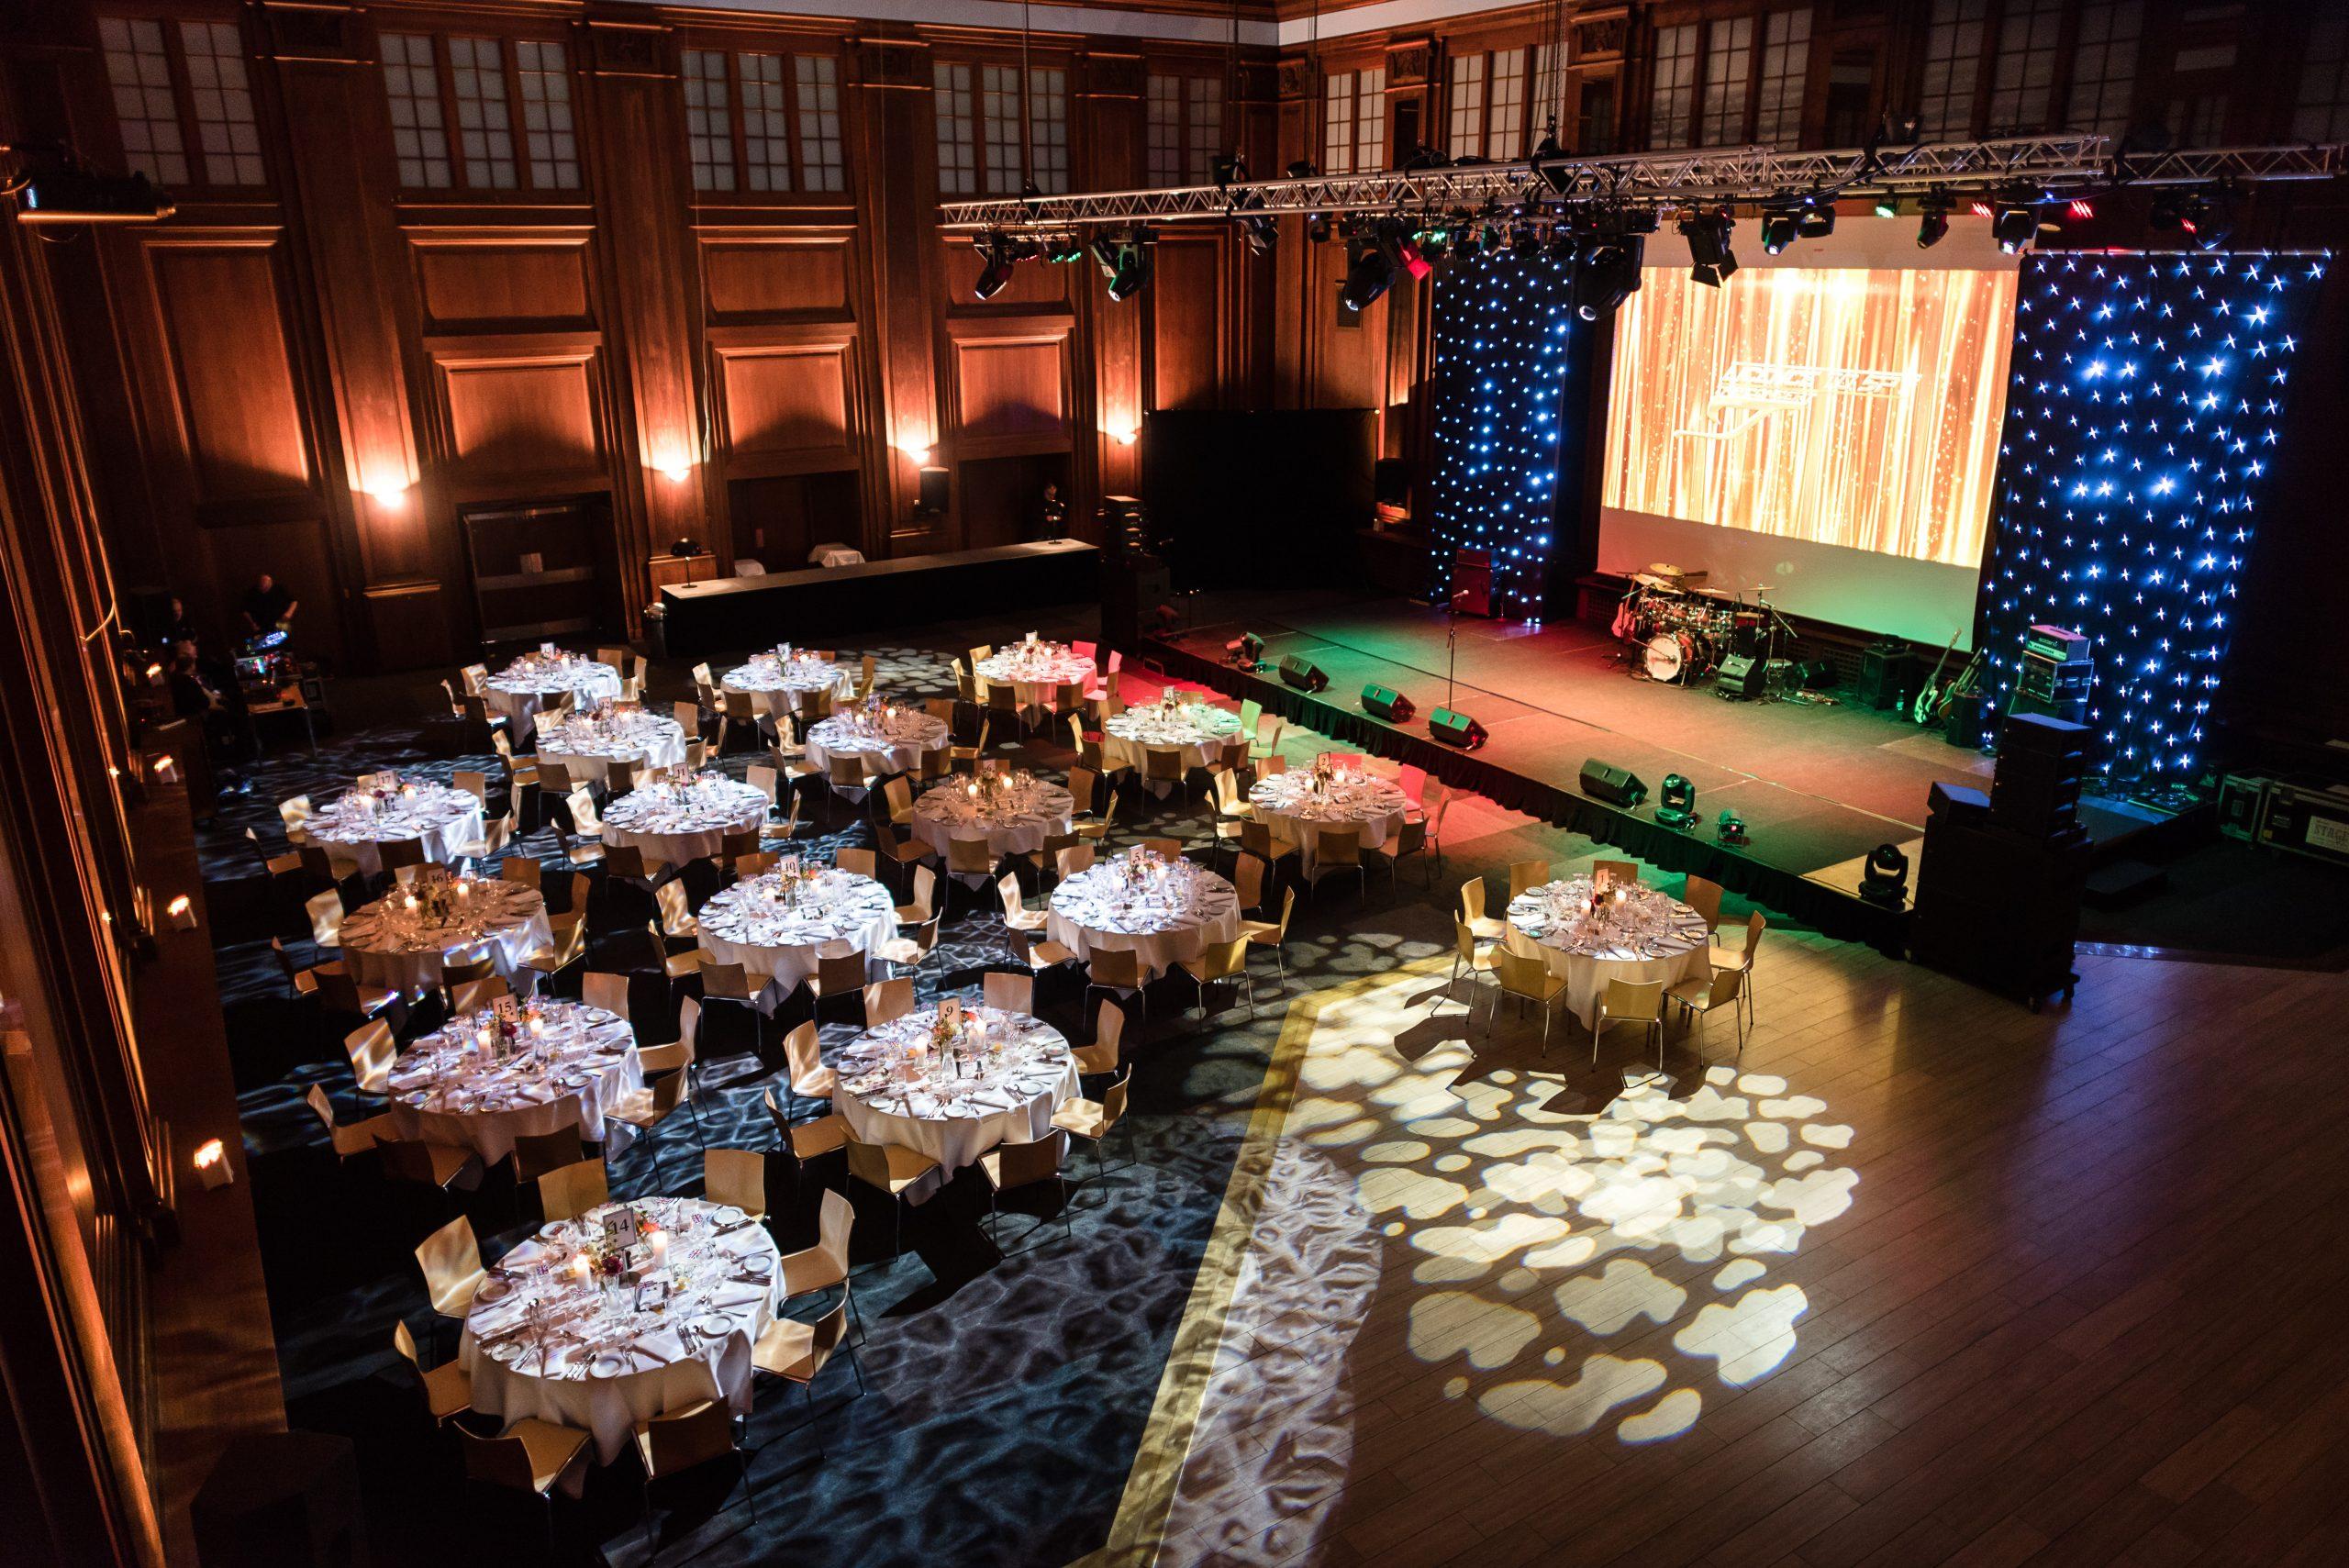 Den planlagte MeetInCPH over to dage i juni holdes hos Tivoli, der har flere flere venues, der kan bruges til eventet. Her arkivpressefoto fra Axelborg, foto: Tivoli.